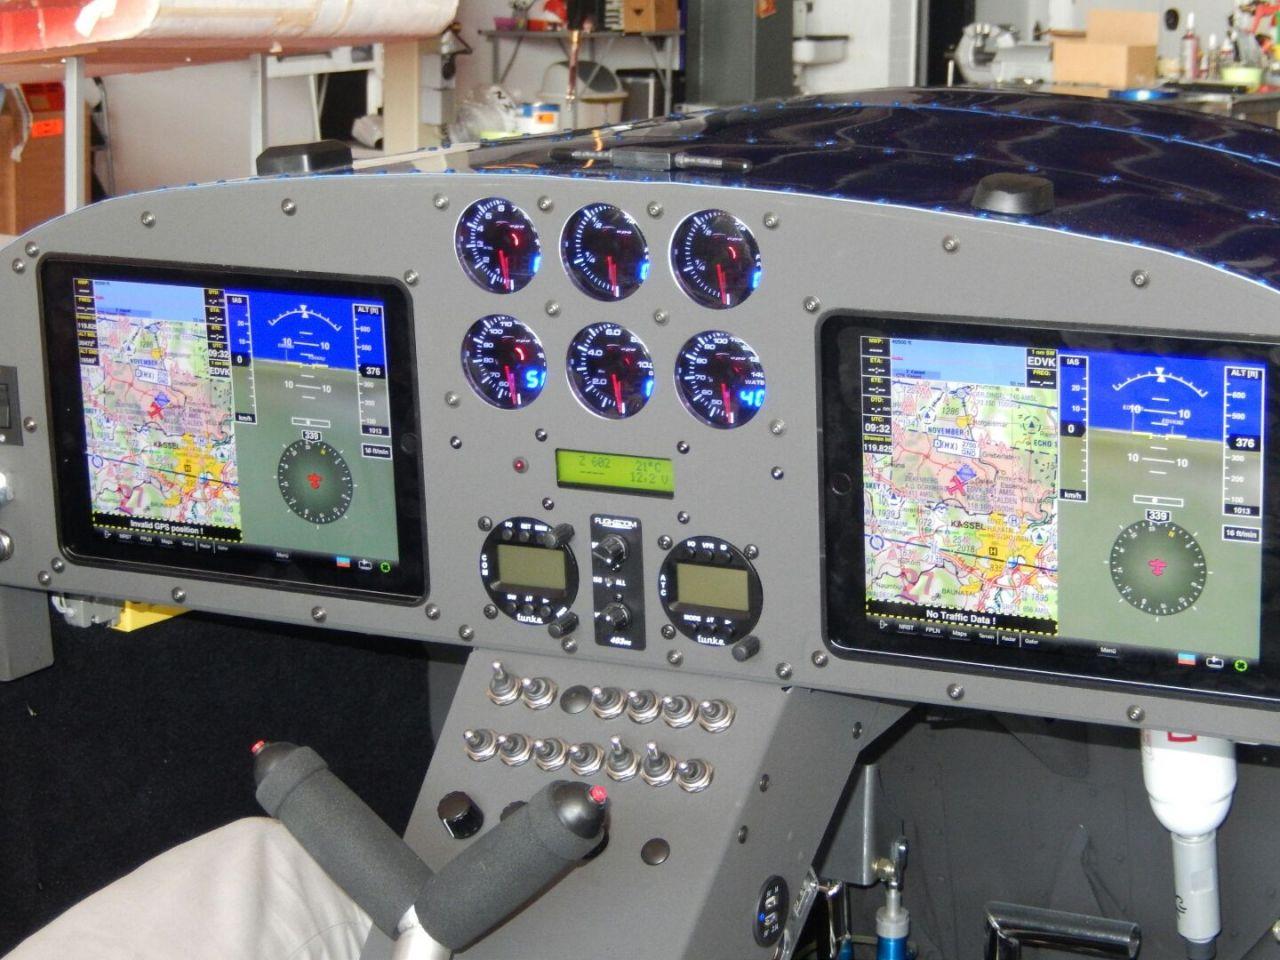 DSCN2191 - Die erste Z602 mit 2 vollintegrierten iPADs.